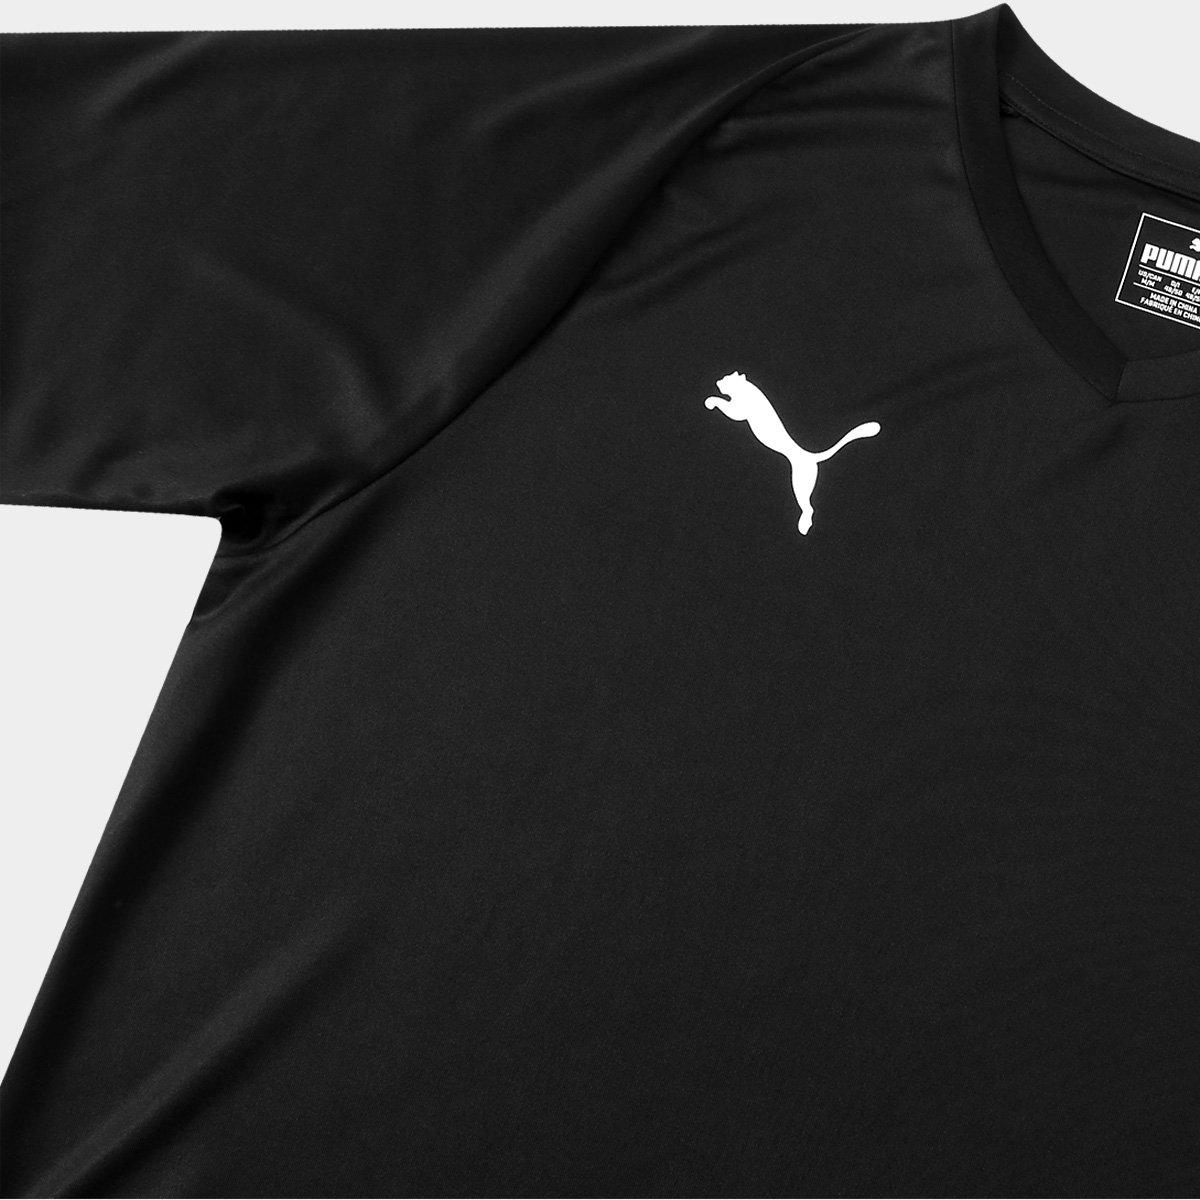 Camisa Puma Liga Jersey Core Masculina - Preto e Branco - Compre ... 9fc19822e29d